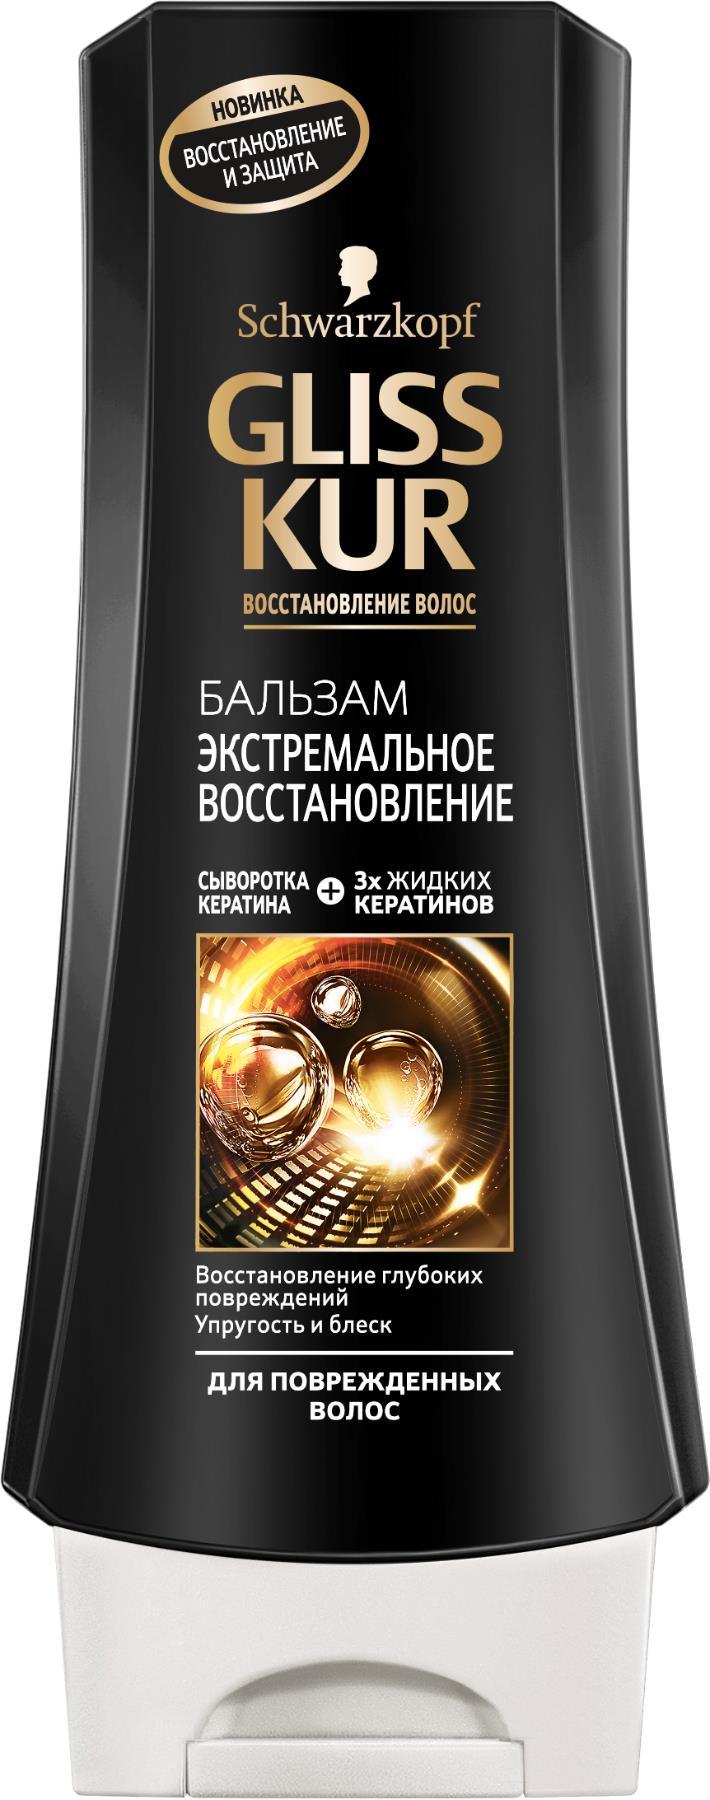 """Gliss Kur Бальзам """"Экстремальное восстановление"""", для сильно поврежденных и сухих волос, 200 мл"""